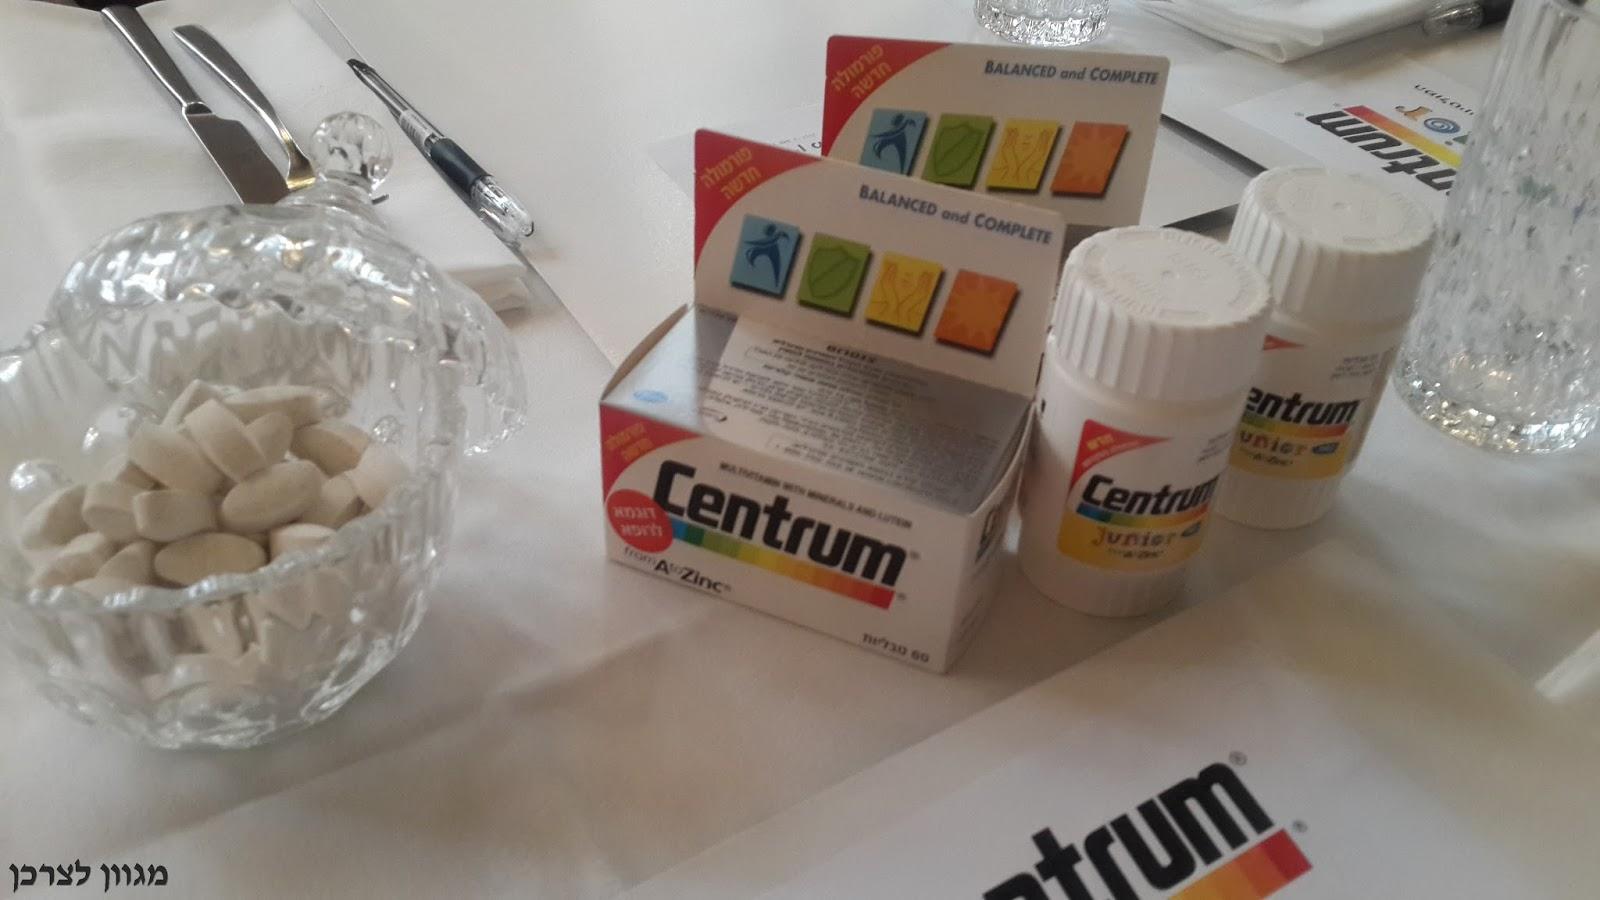 מרענן מגוון לצרכן : צנטרום מולטיויטמין לילדים - Centrum Junior HY-32